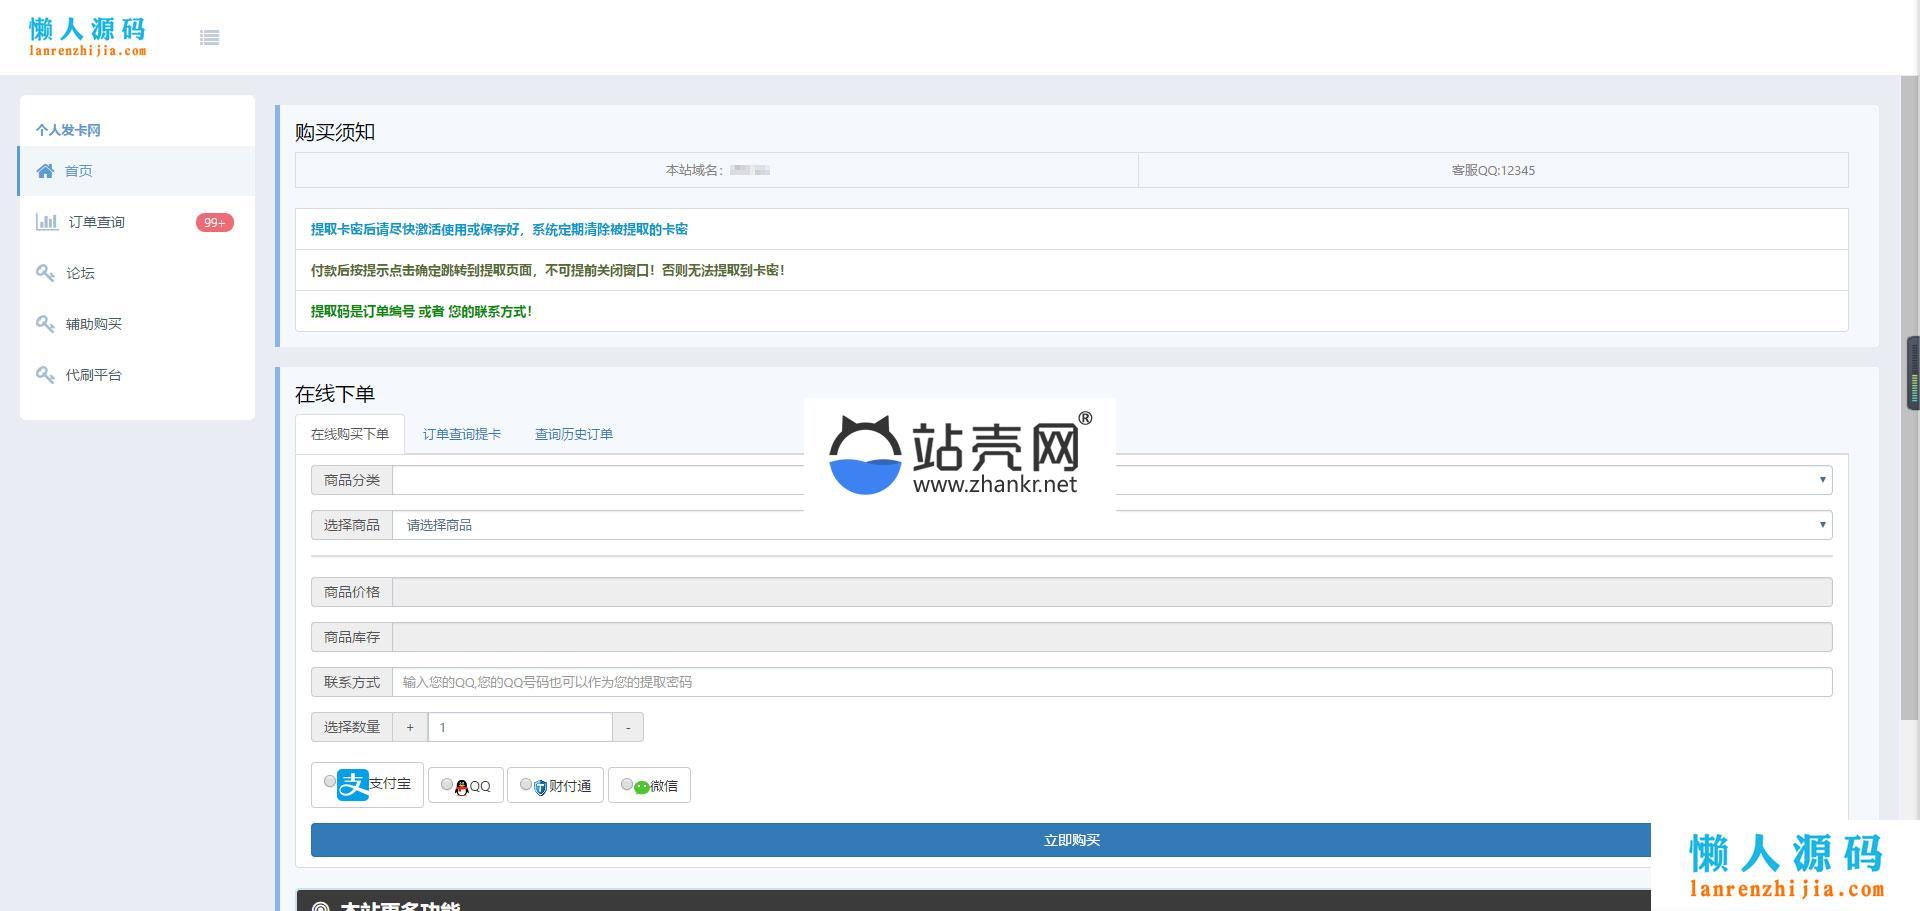 <i></i>PHP个人发卡程序6.0源码下载 全解密可用版_源码下载